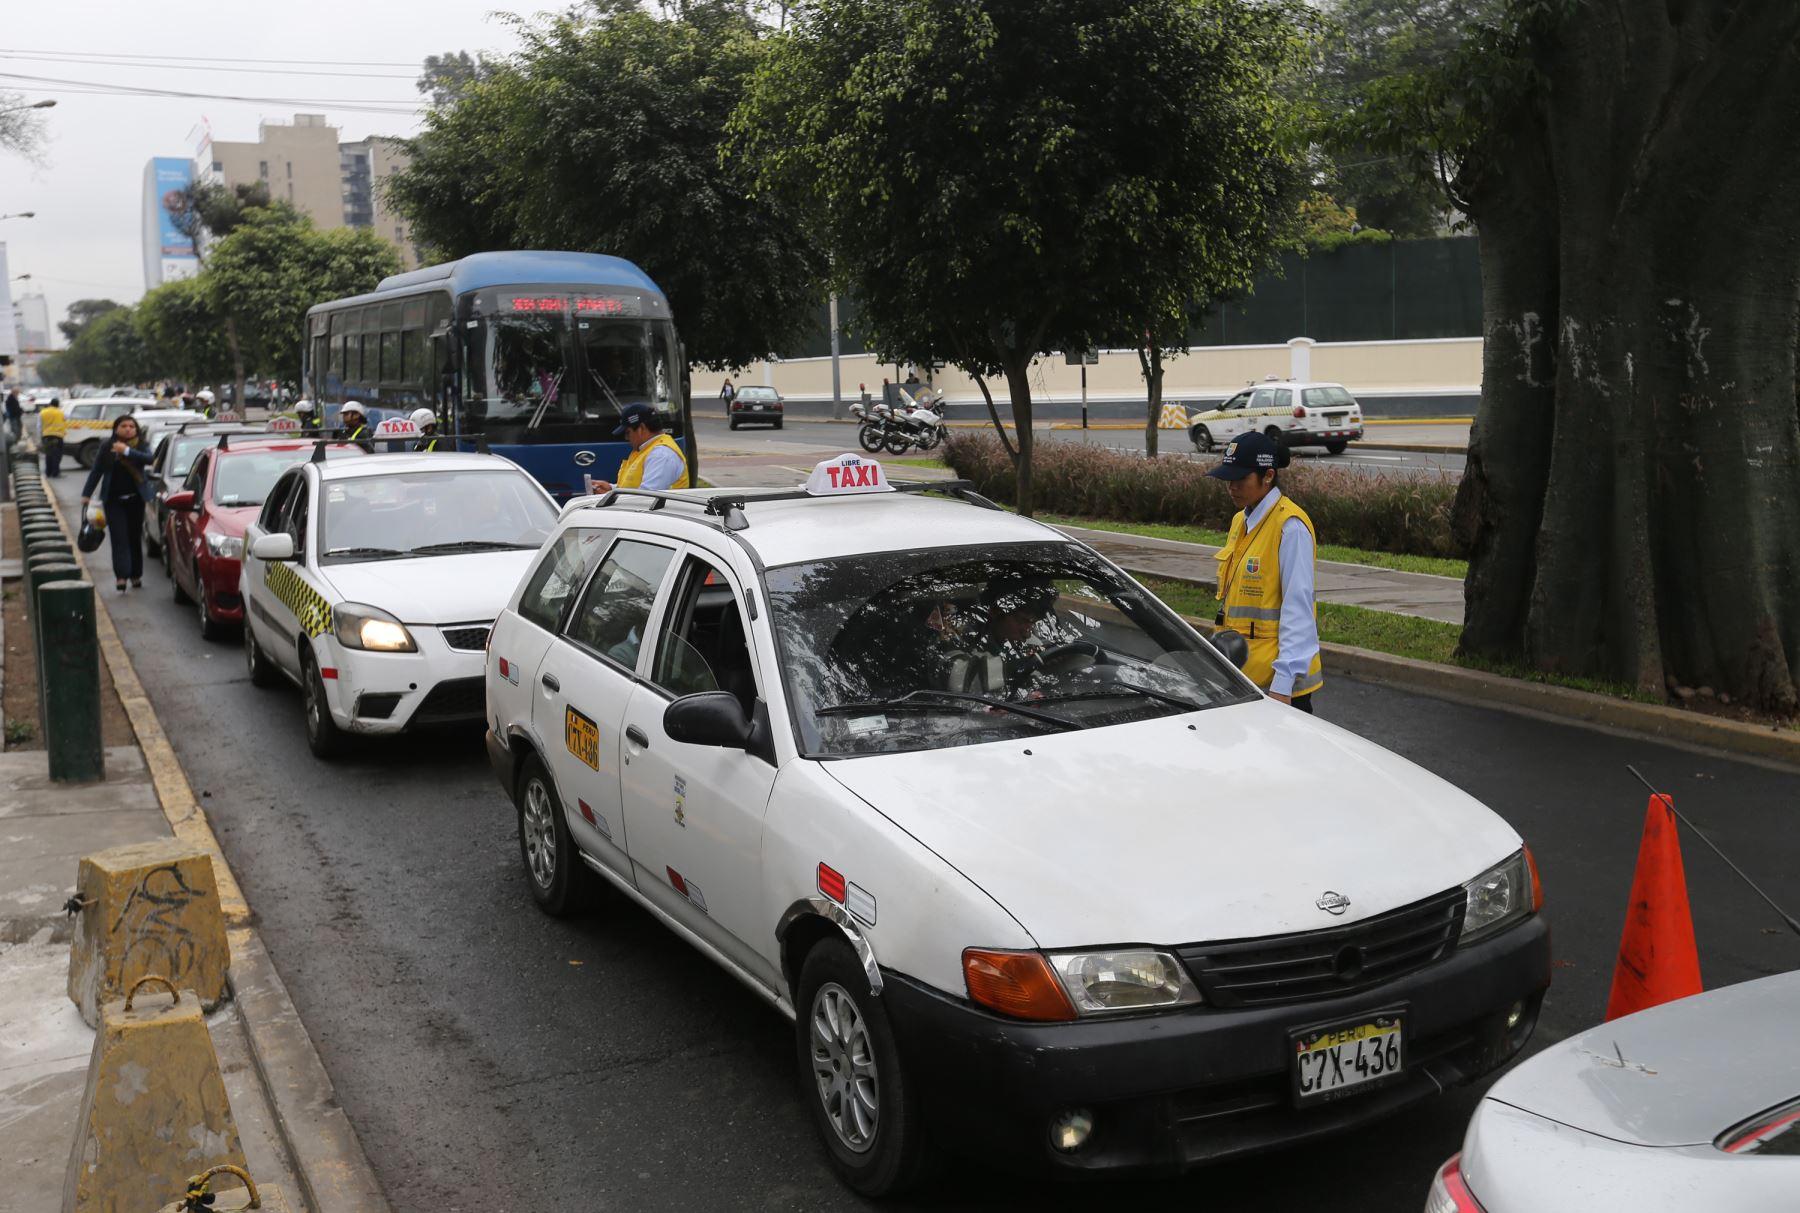 En un taxi colectivo uno se transporta junto a personas desconocidas. Foto: ANDINA/Norman Córdova